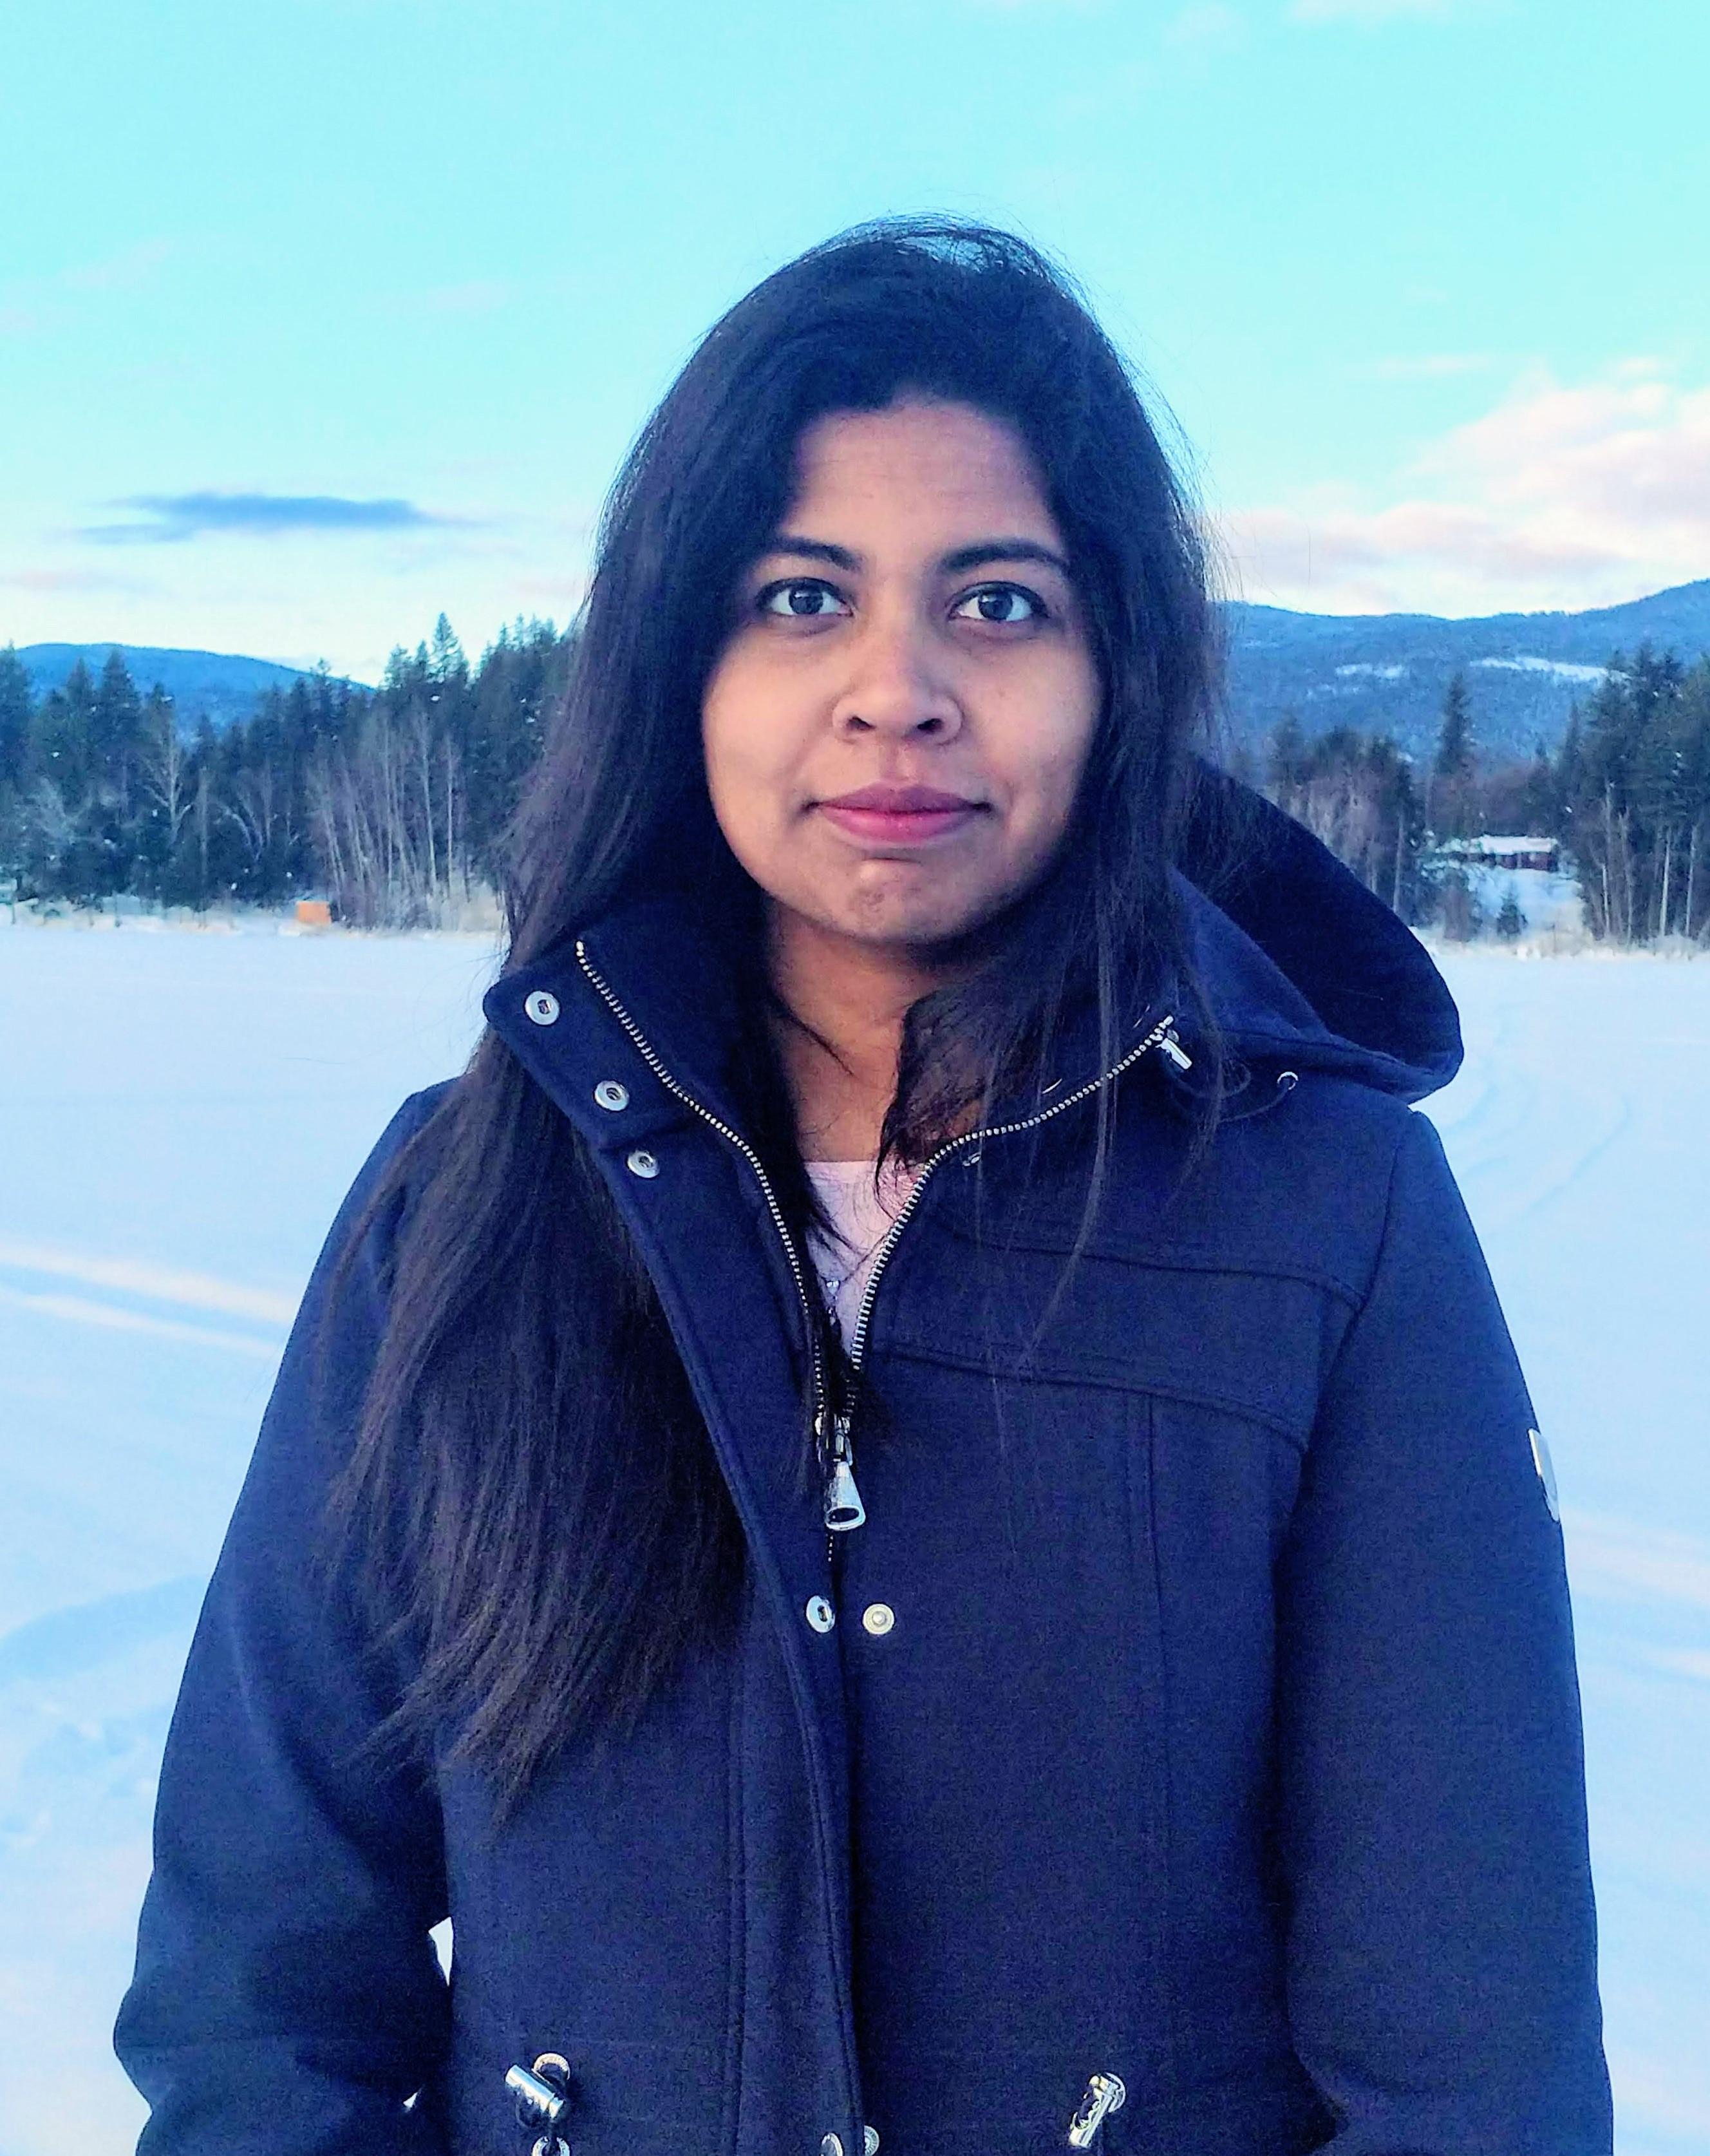 Hirushie Karunathilake